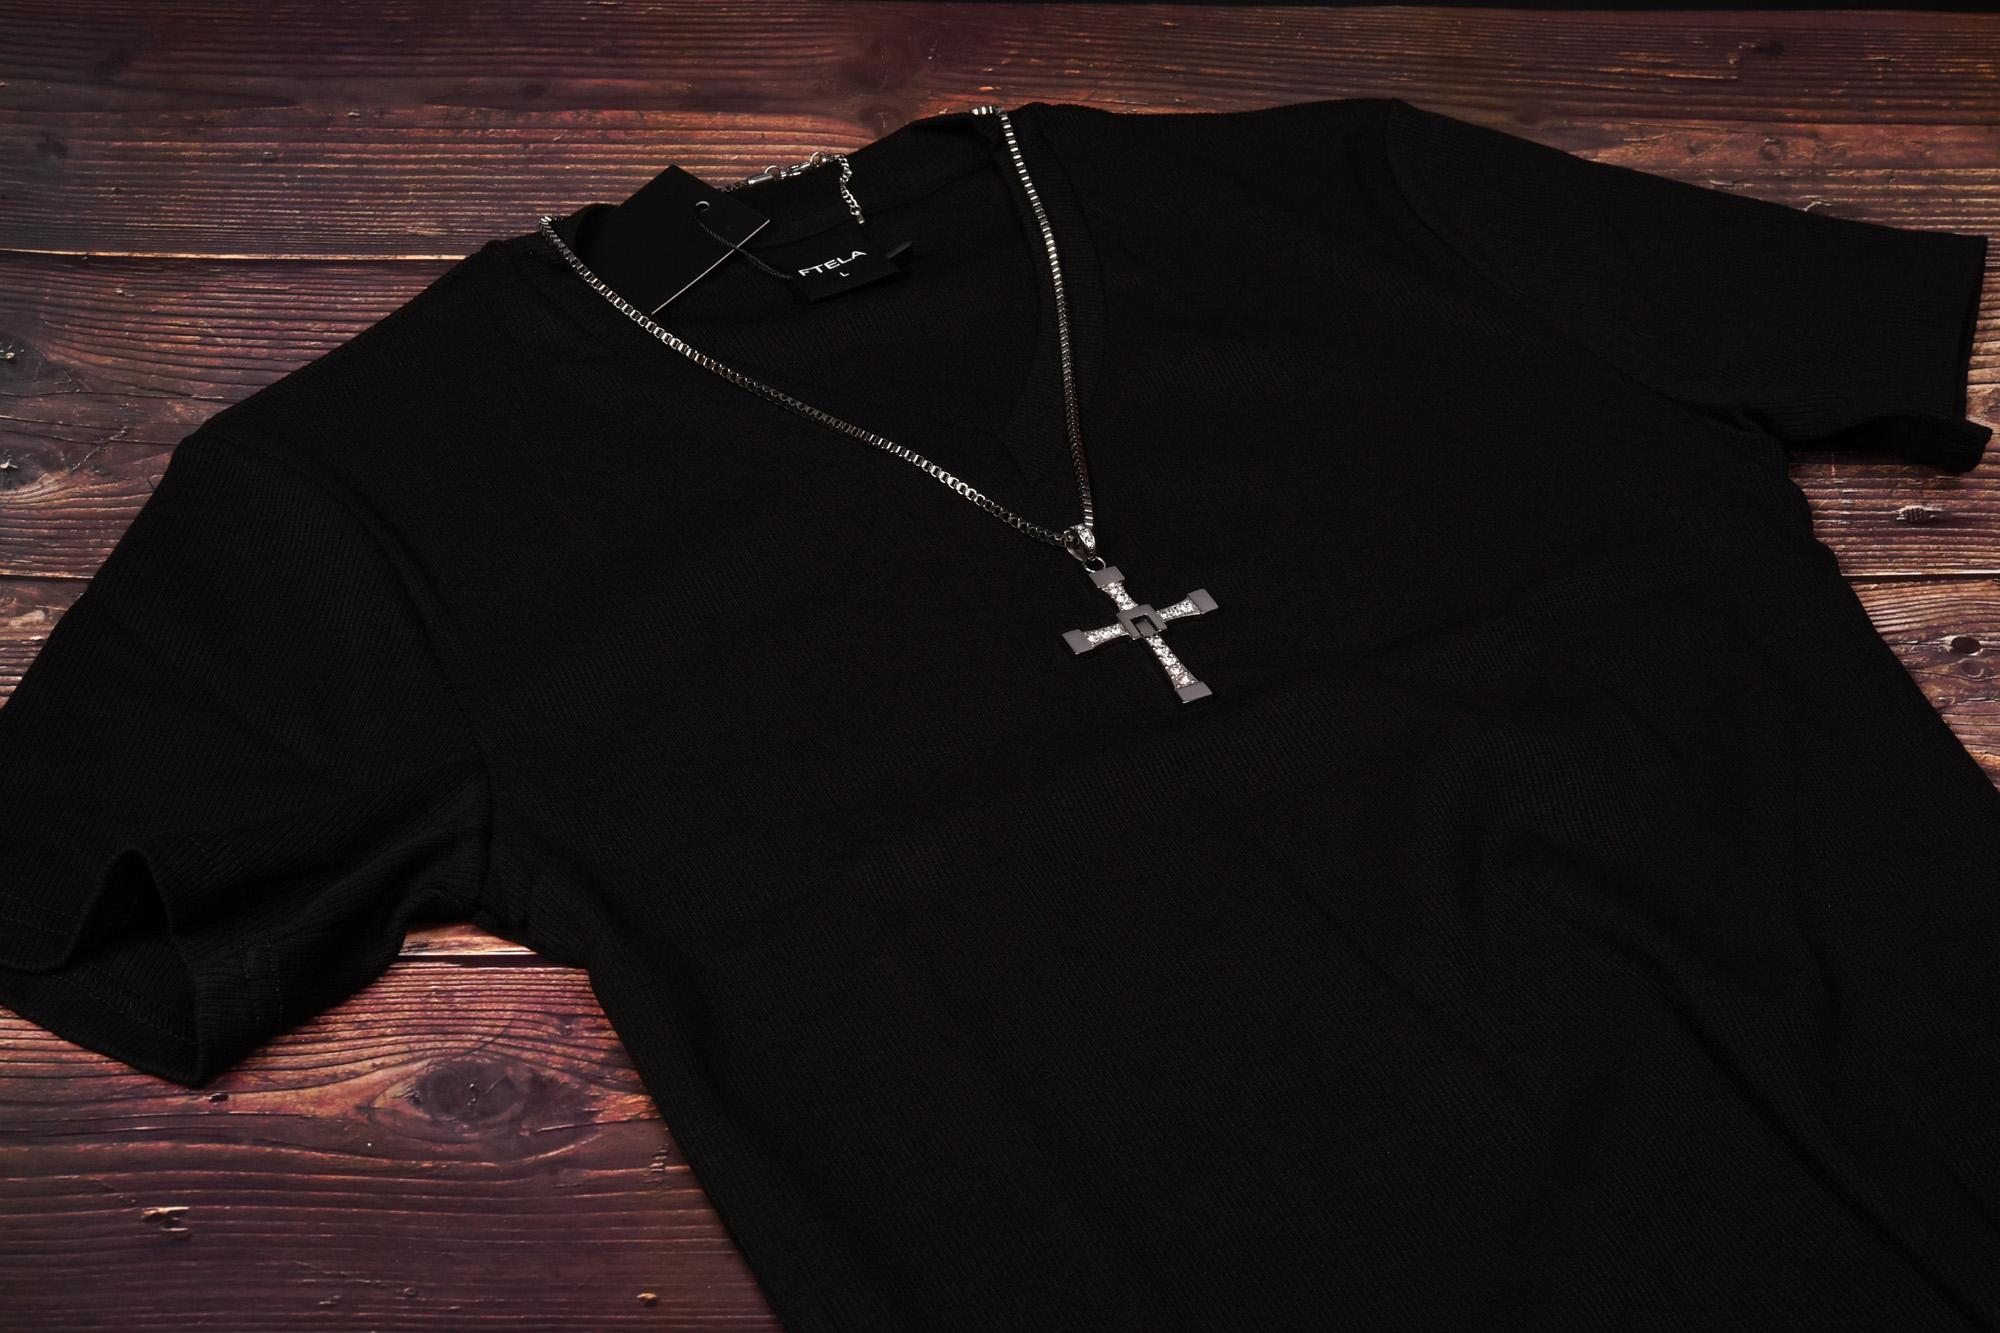 ワイルドスピードのドミニクになってみる? ネックレスとTシャツ購入